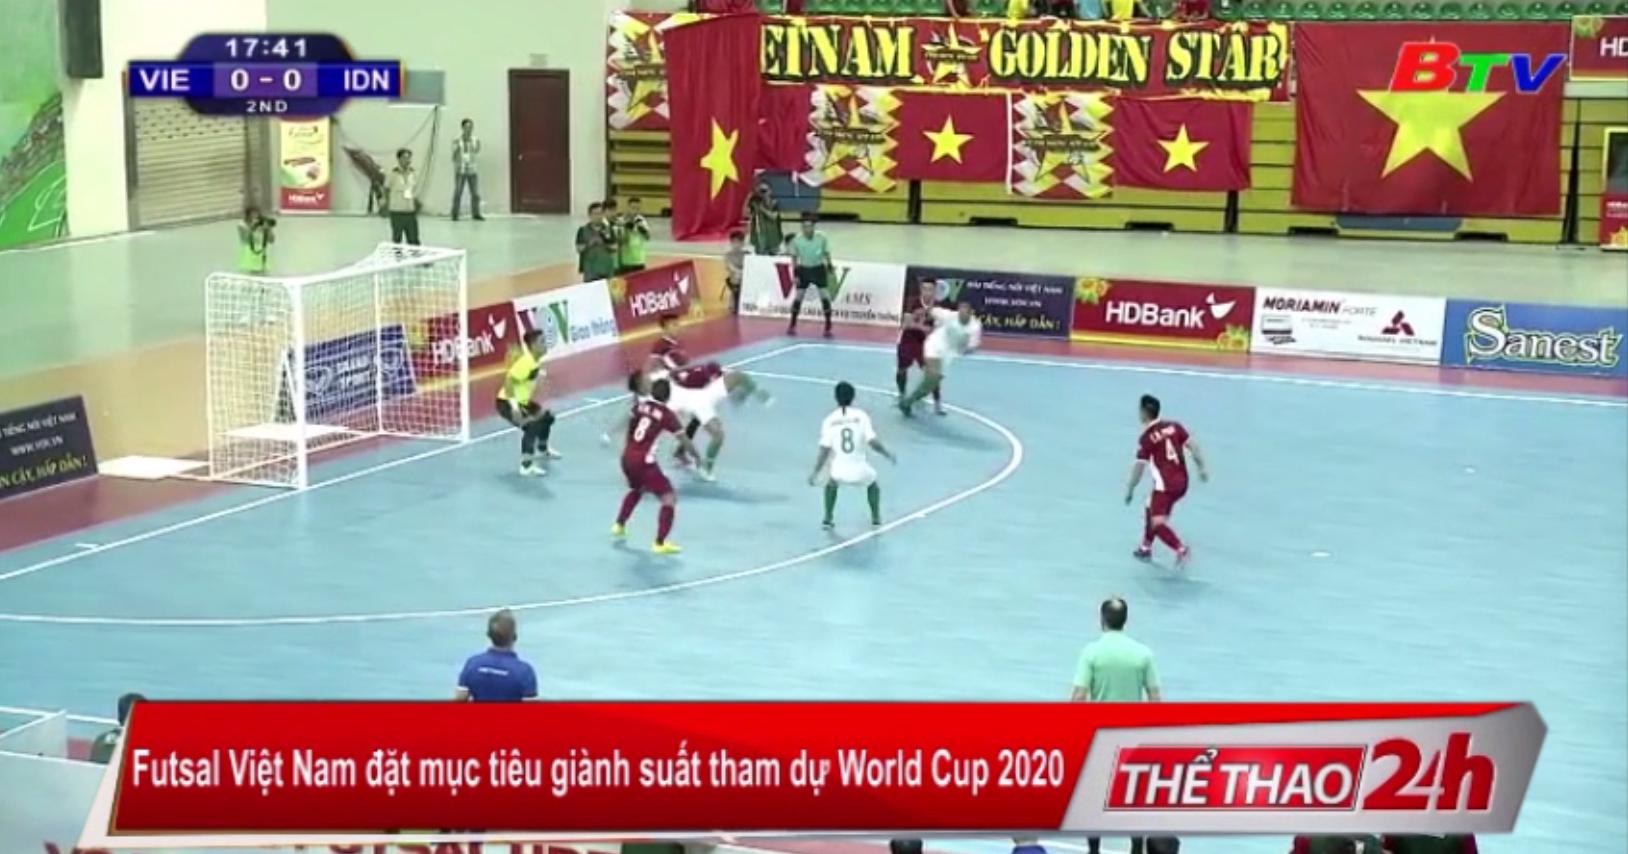 Futsal Việt Nam đặt mục tiêu giành suất tham dự World Cup 2020